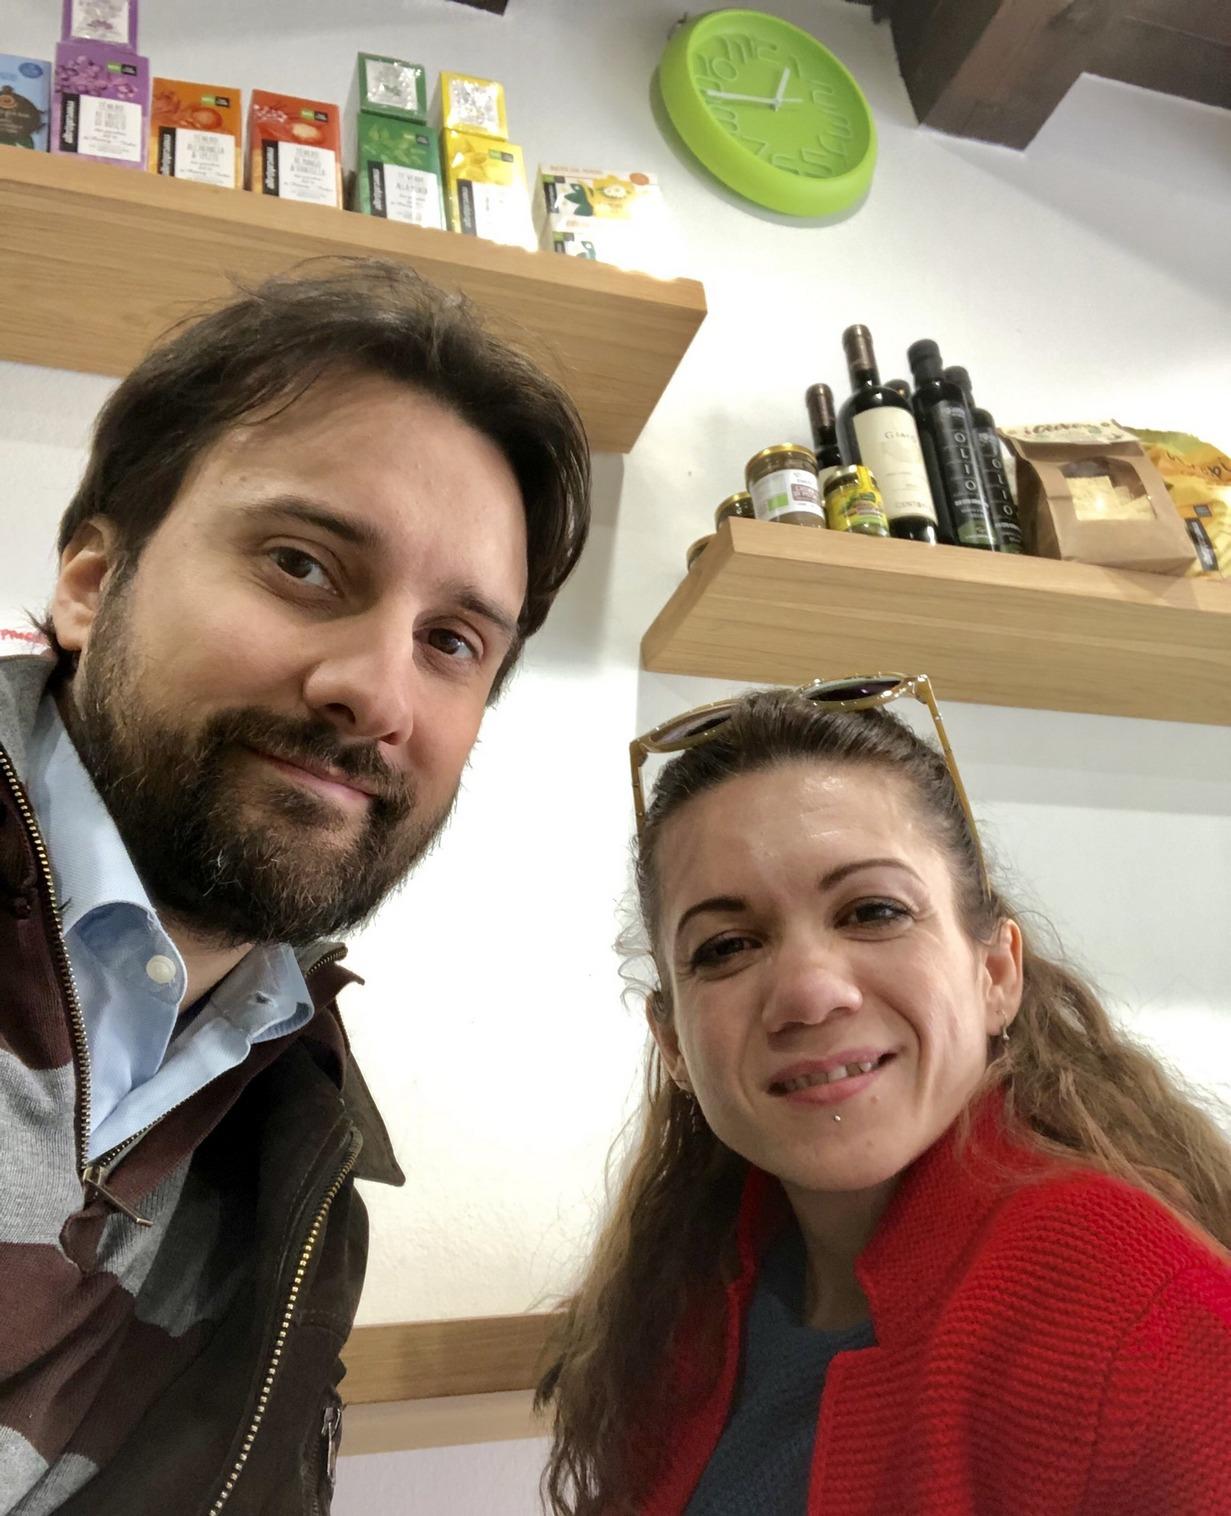 Nanabianca e Boris Puggia, È Buono Verona